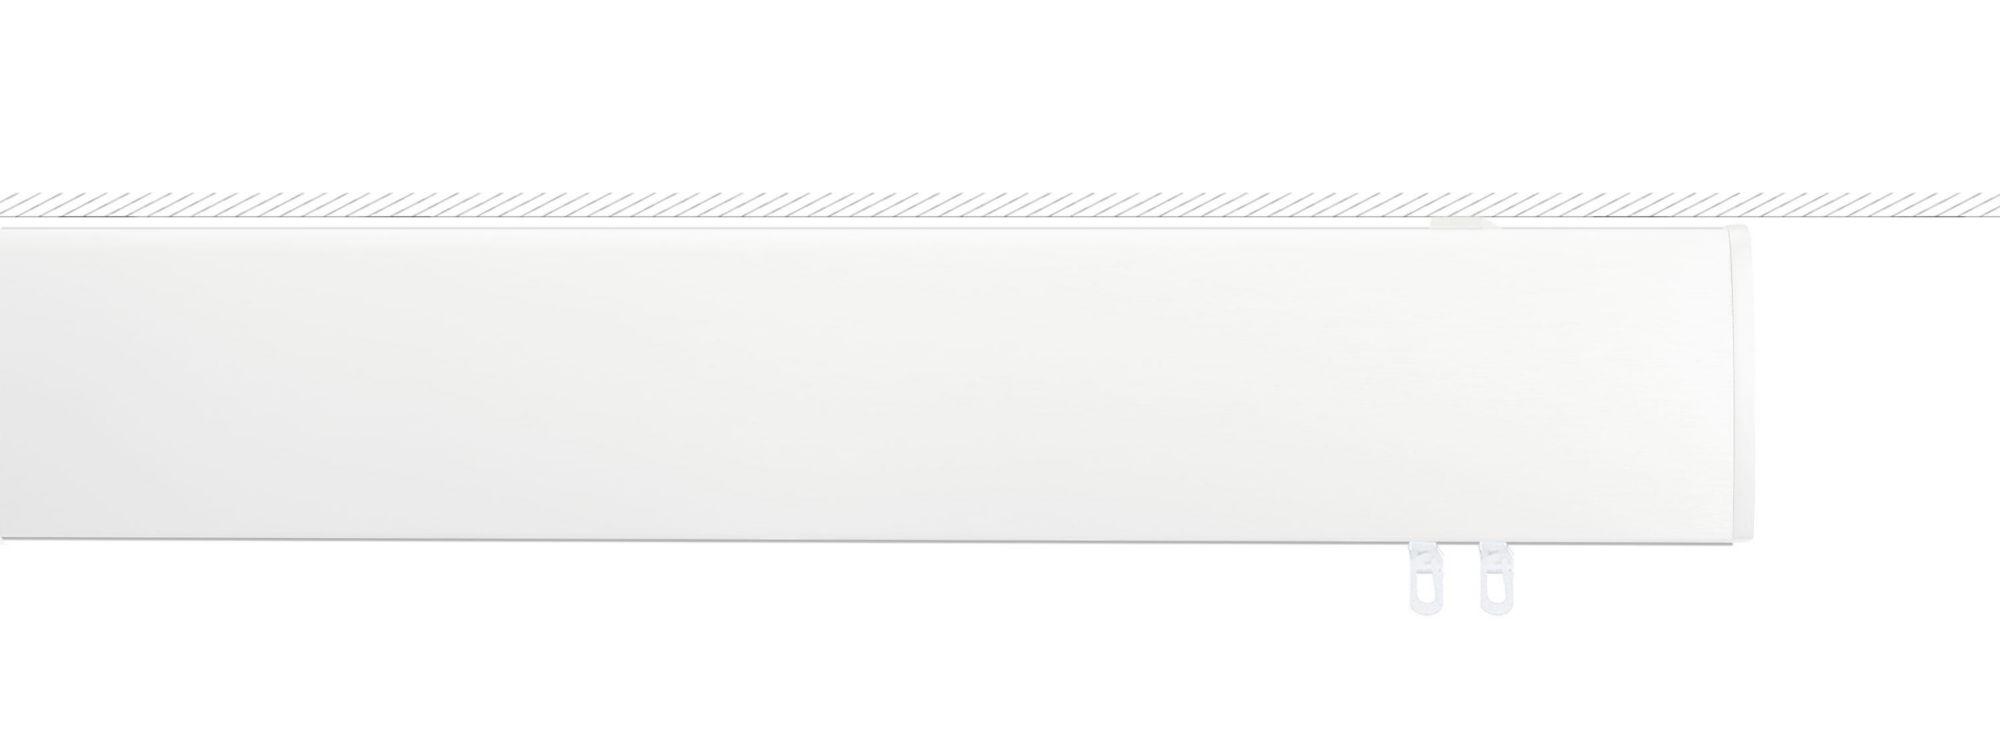 INDEKO Alu-Innenlaufschiene, indeko, »Ovum1«, mit Deckenträger flach 1-läufig nach Maß